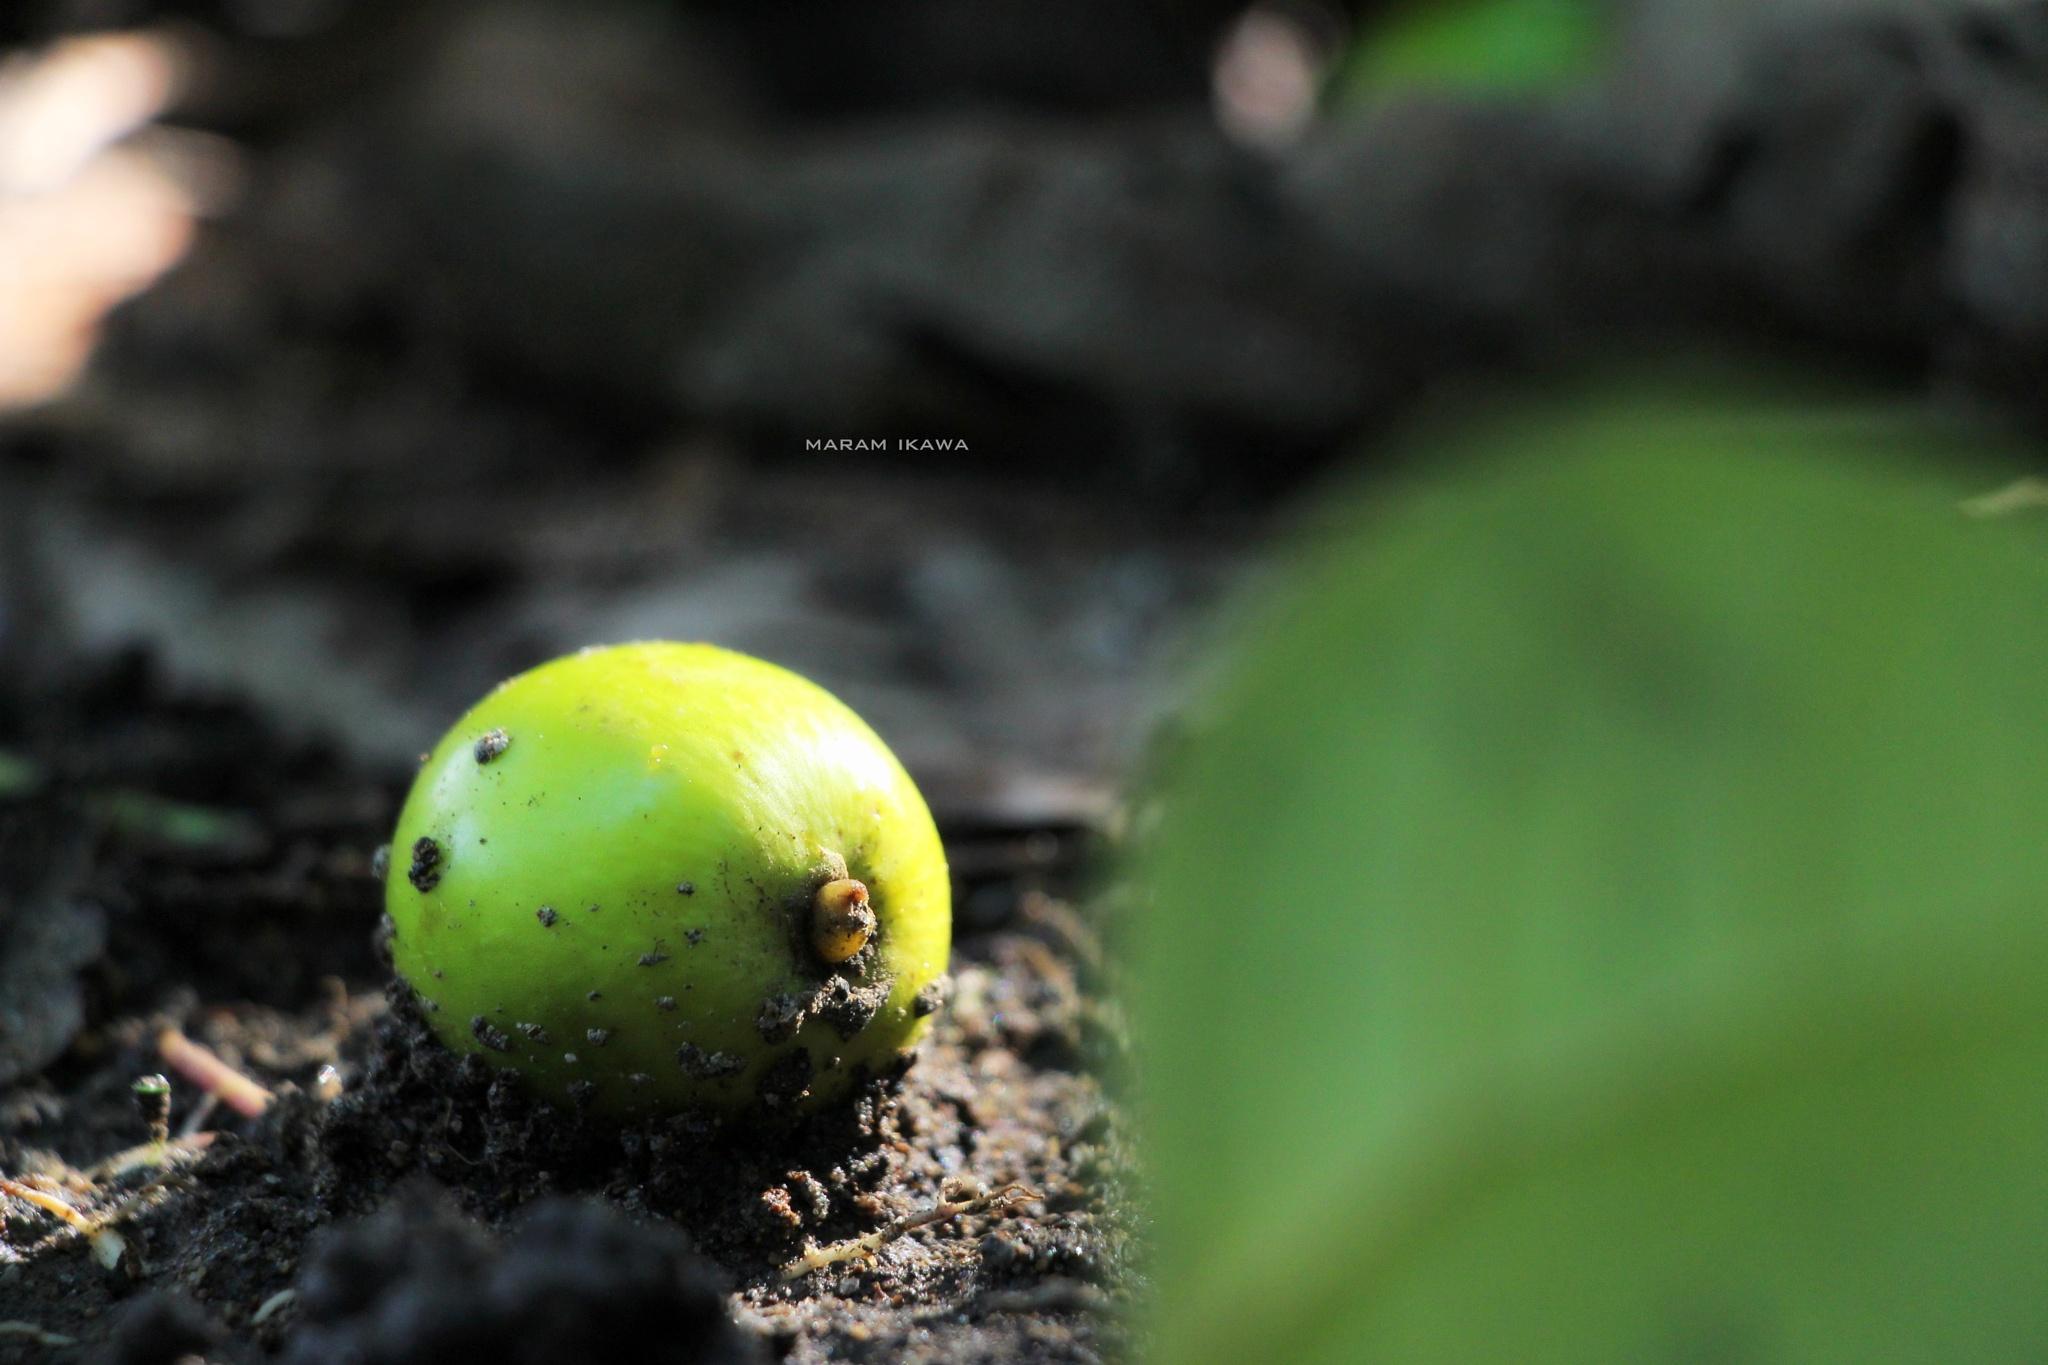 does not fall far from the tree by maram ikawa